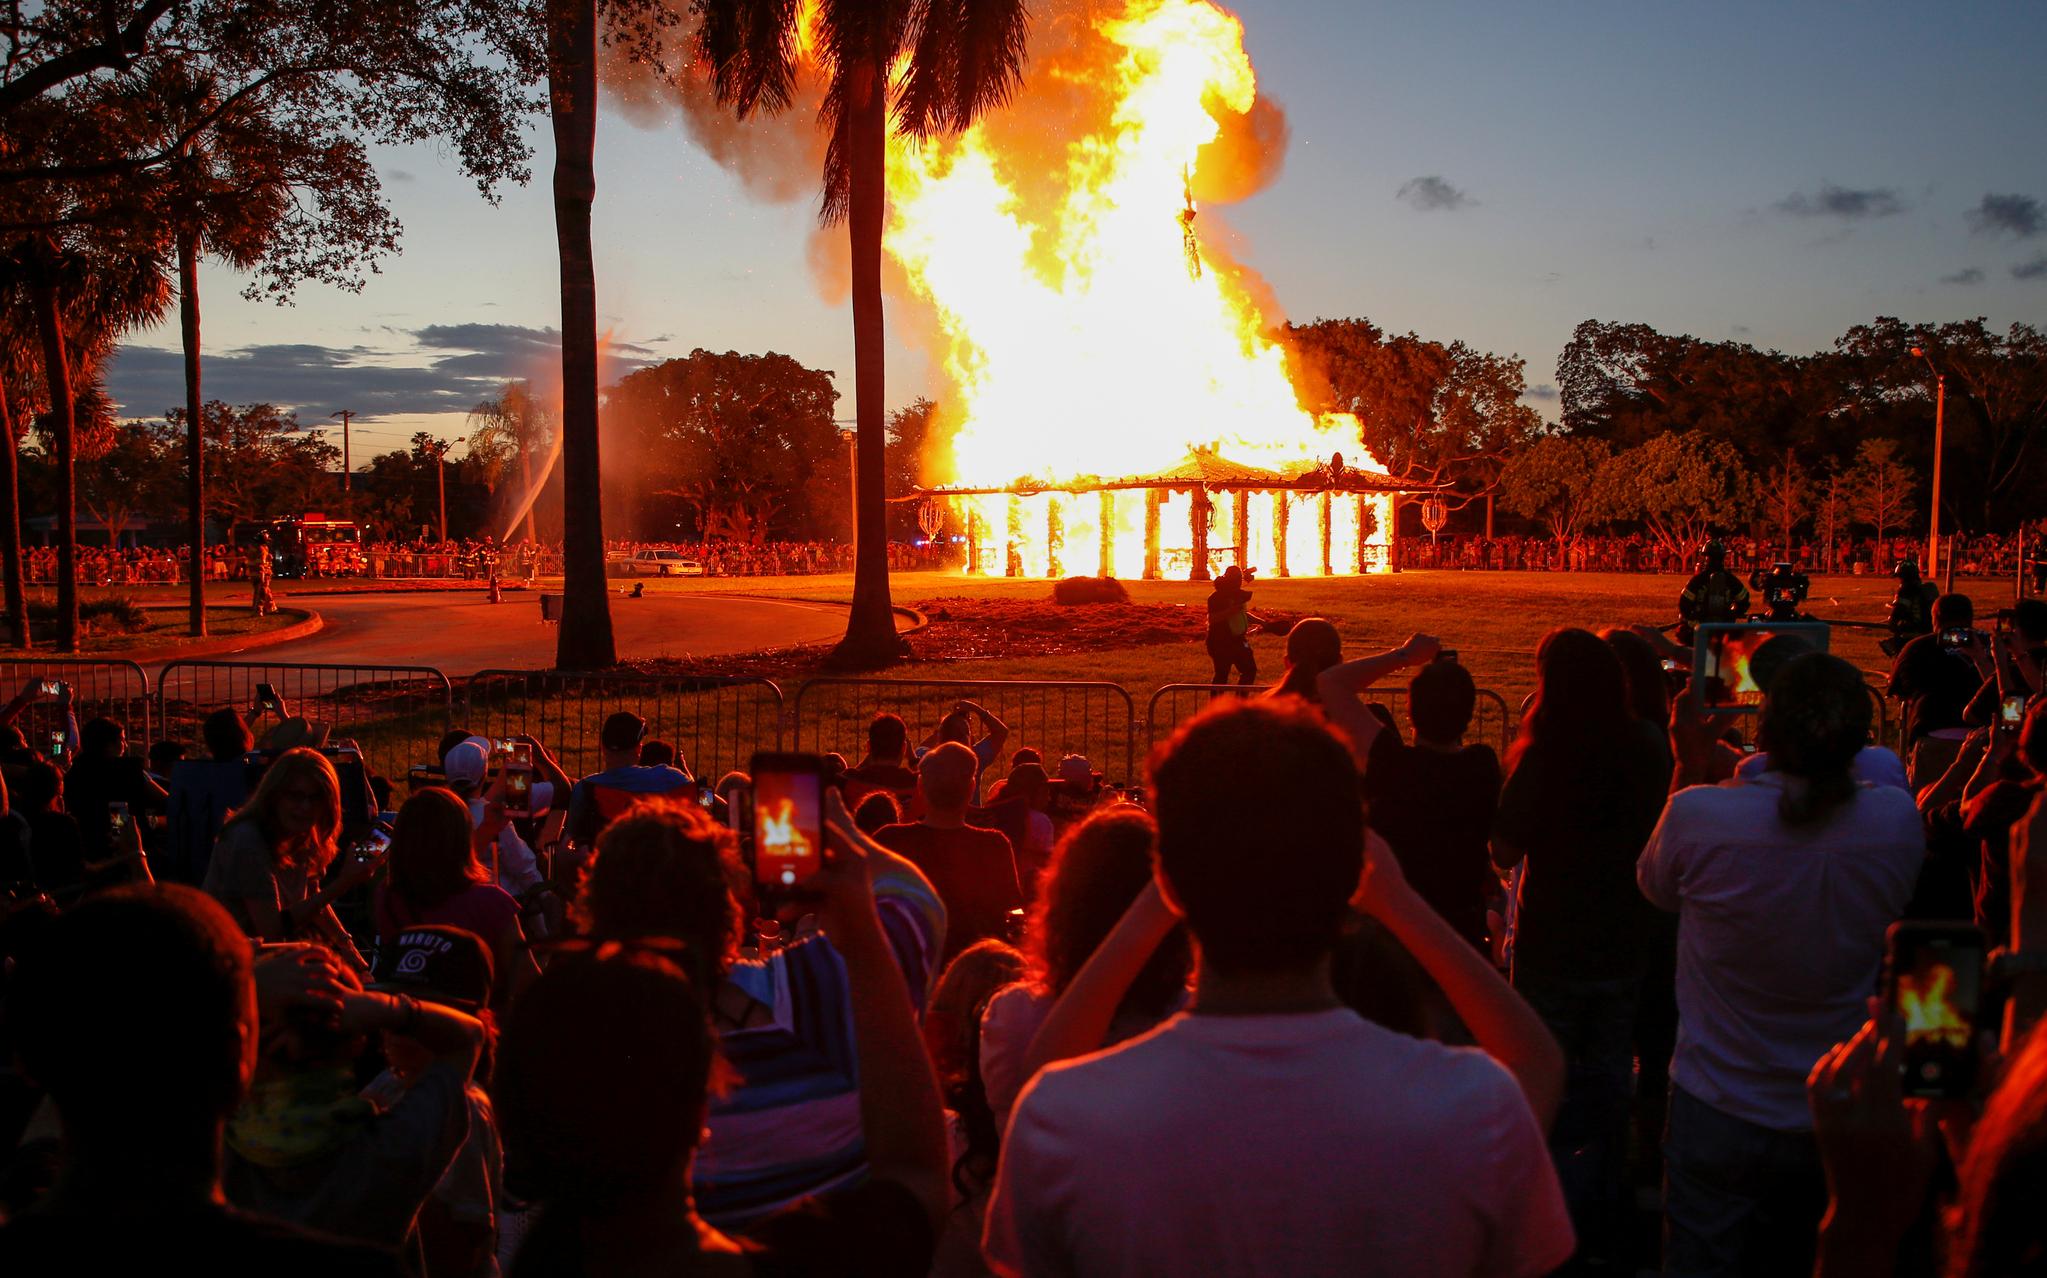 19일(현지시간) 수백명의 시민들이 불타는 사원을 지켜보며 희생자를 추모하고 있다. [로이터-연합뉴스]